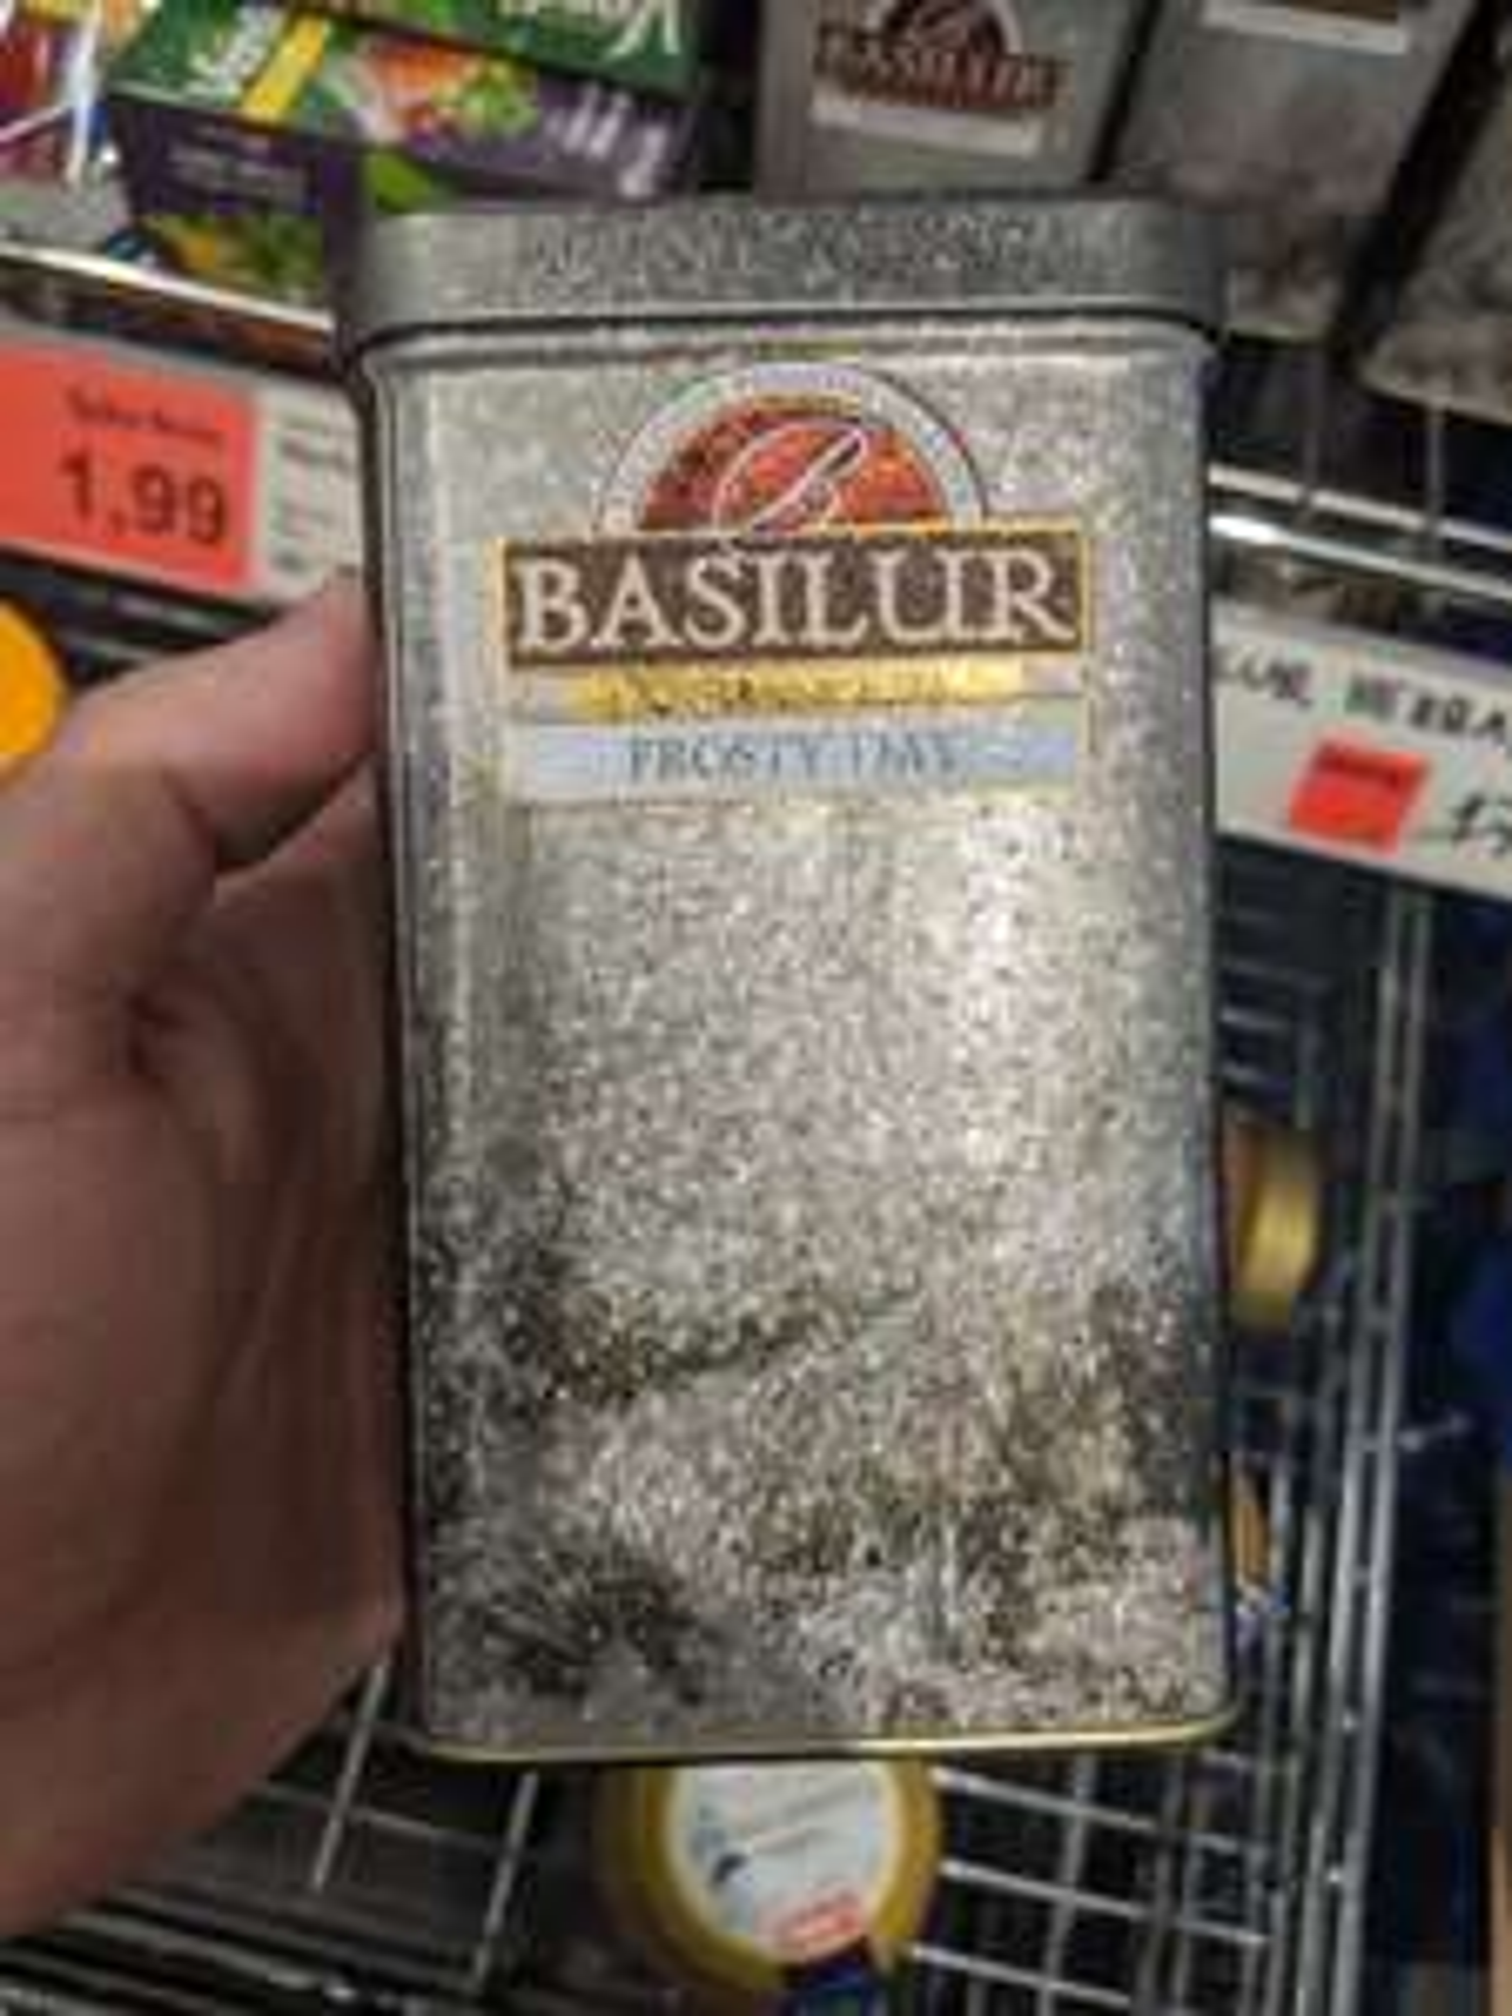 Herbata BASILUR Frosty Day 85g, czarna liściasta cejlońska z dodatkami, ALDI Katowice